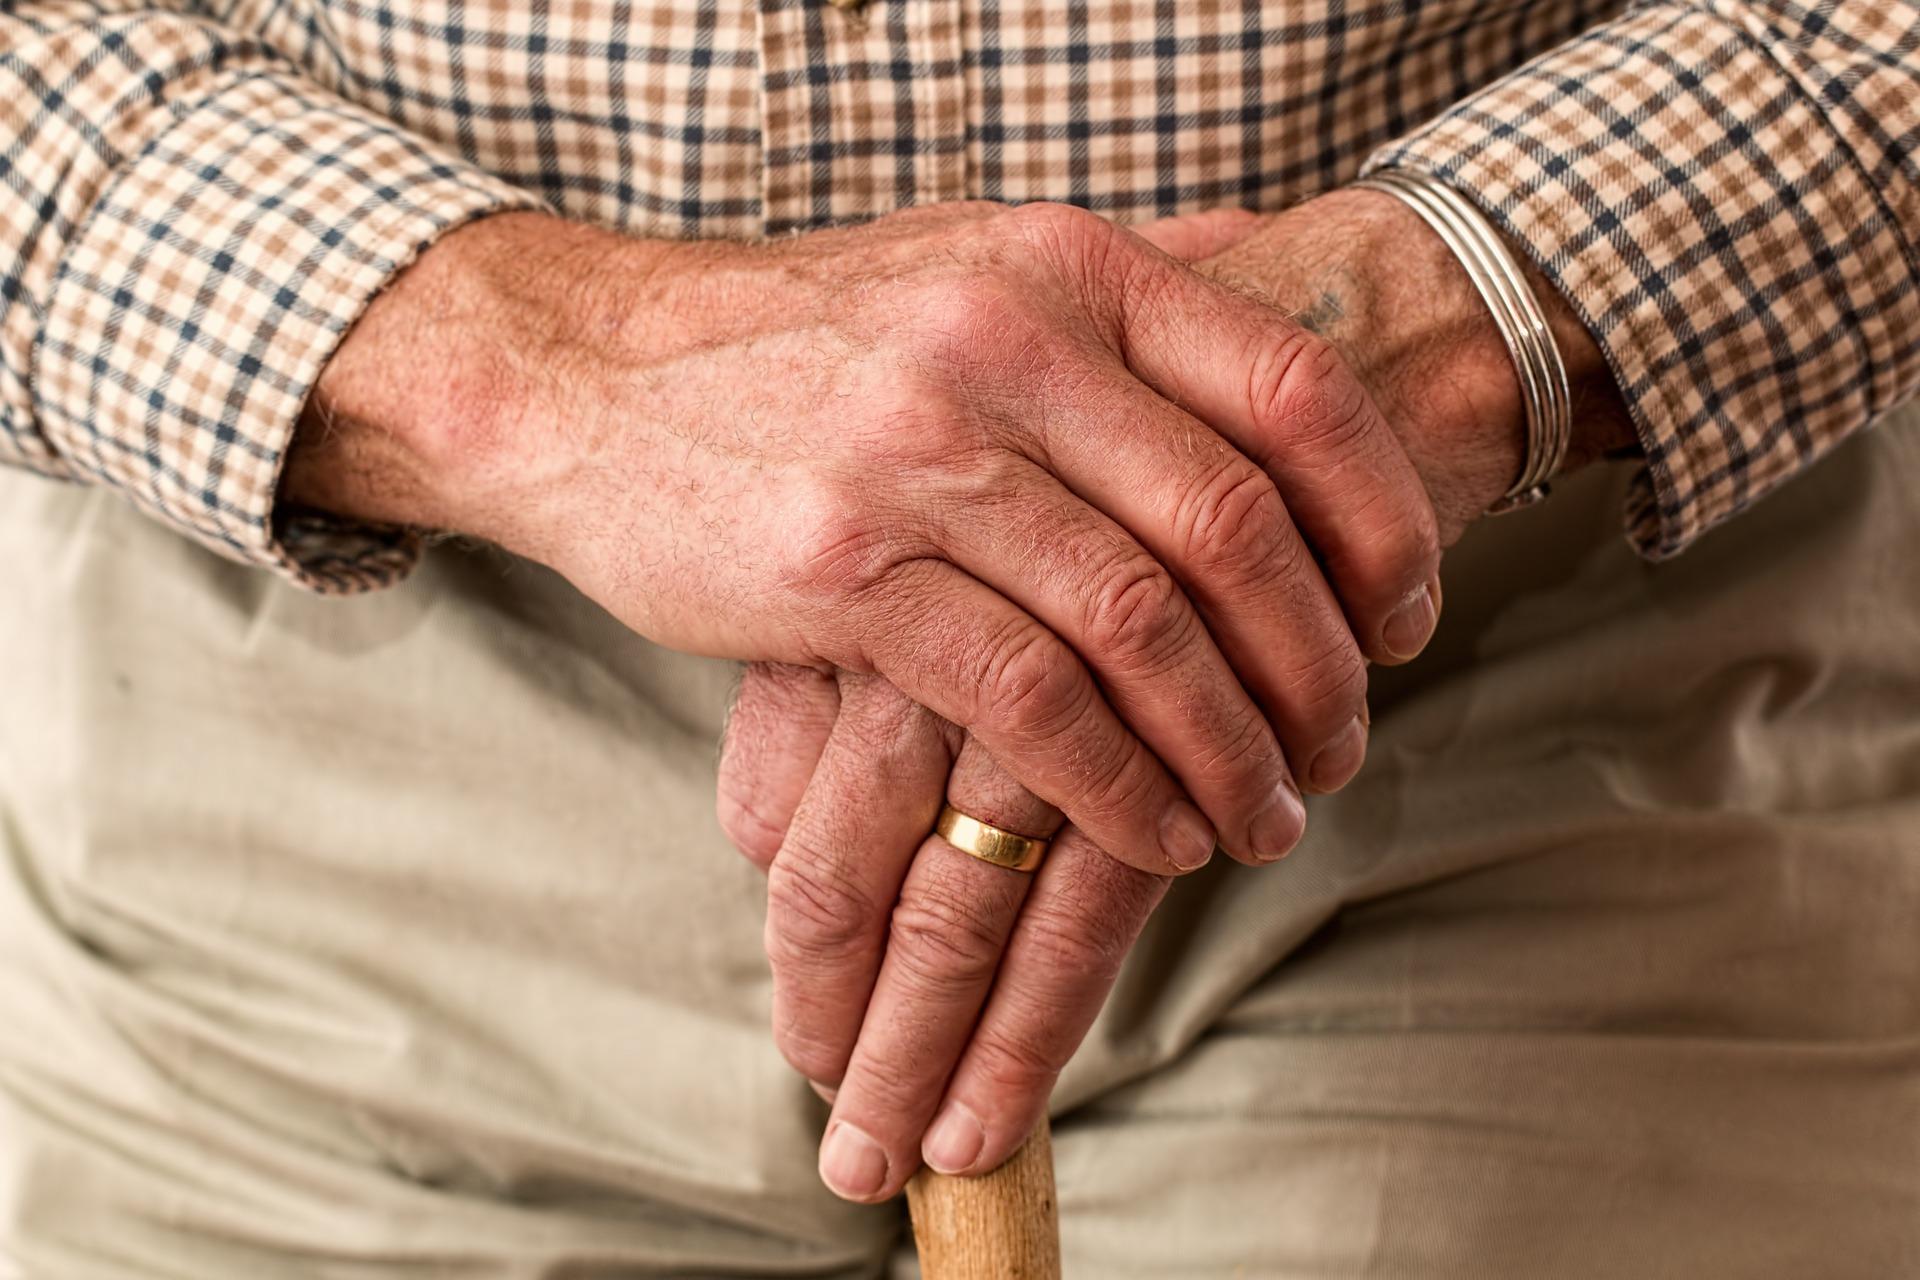 У стариков часто кожа на руках сухая